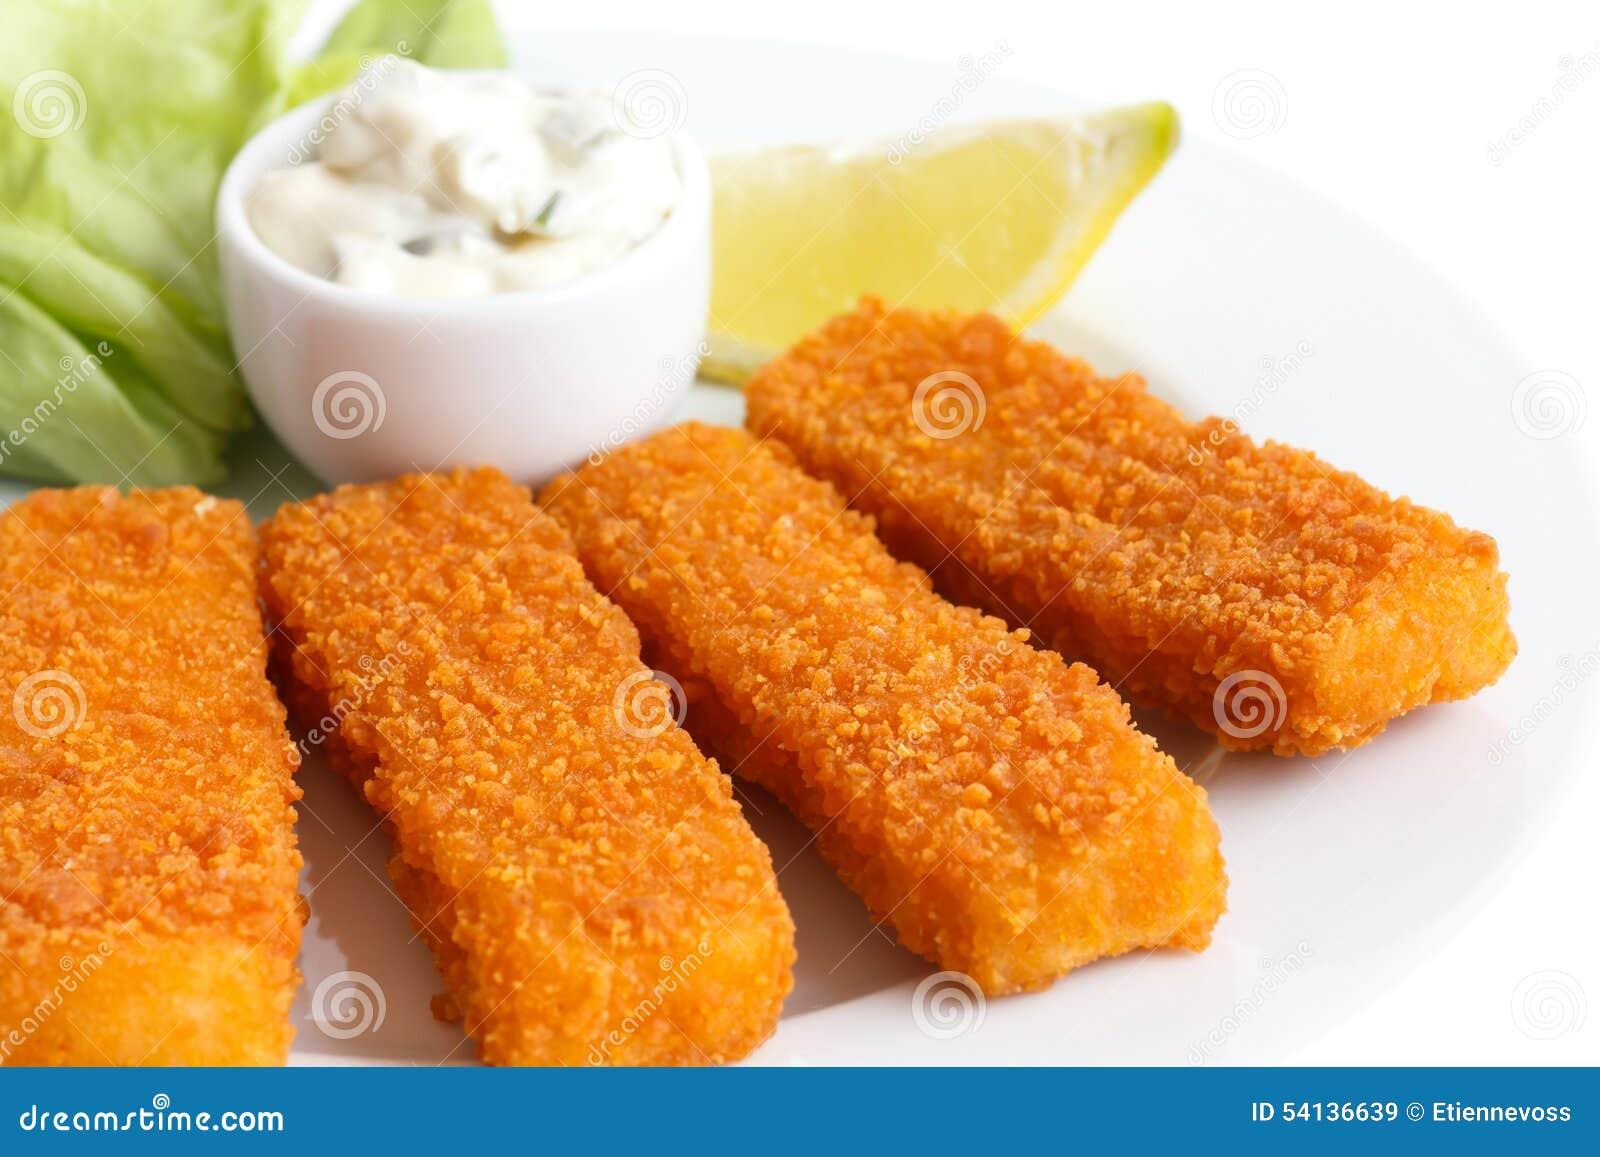 Best fish sticks 2017 for Wegmans fish fry